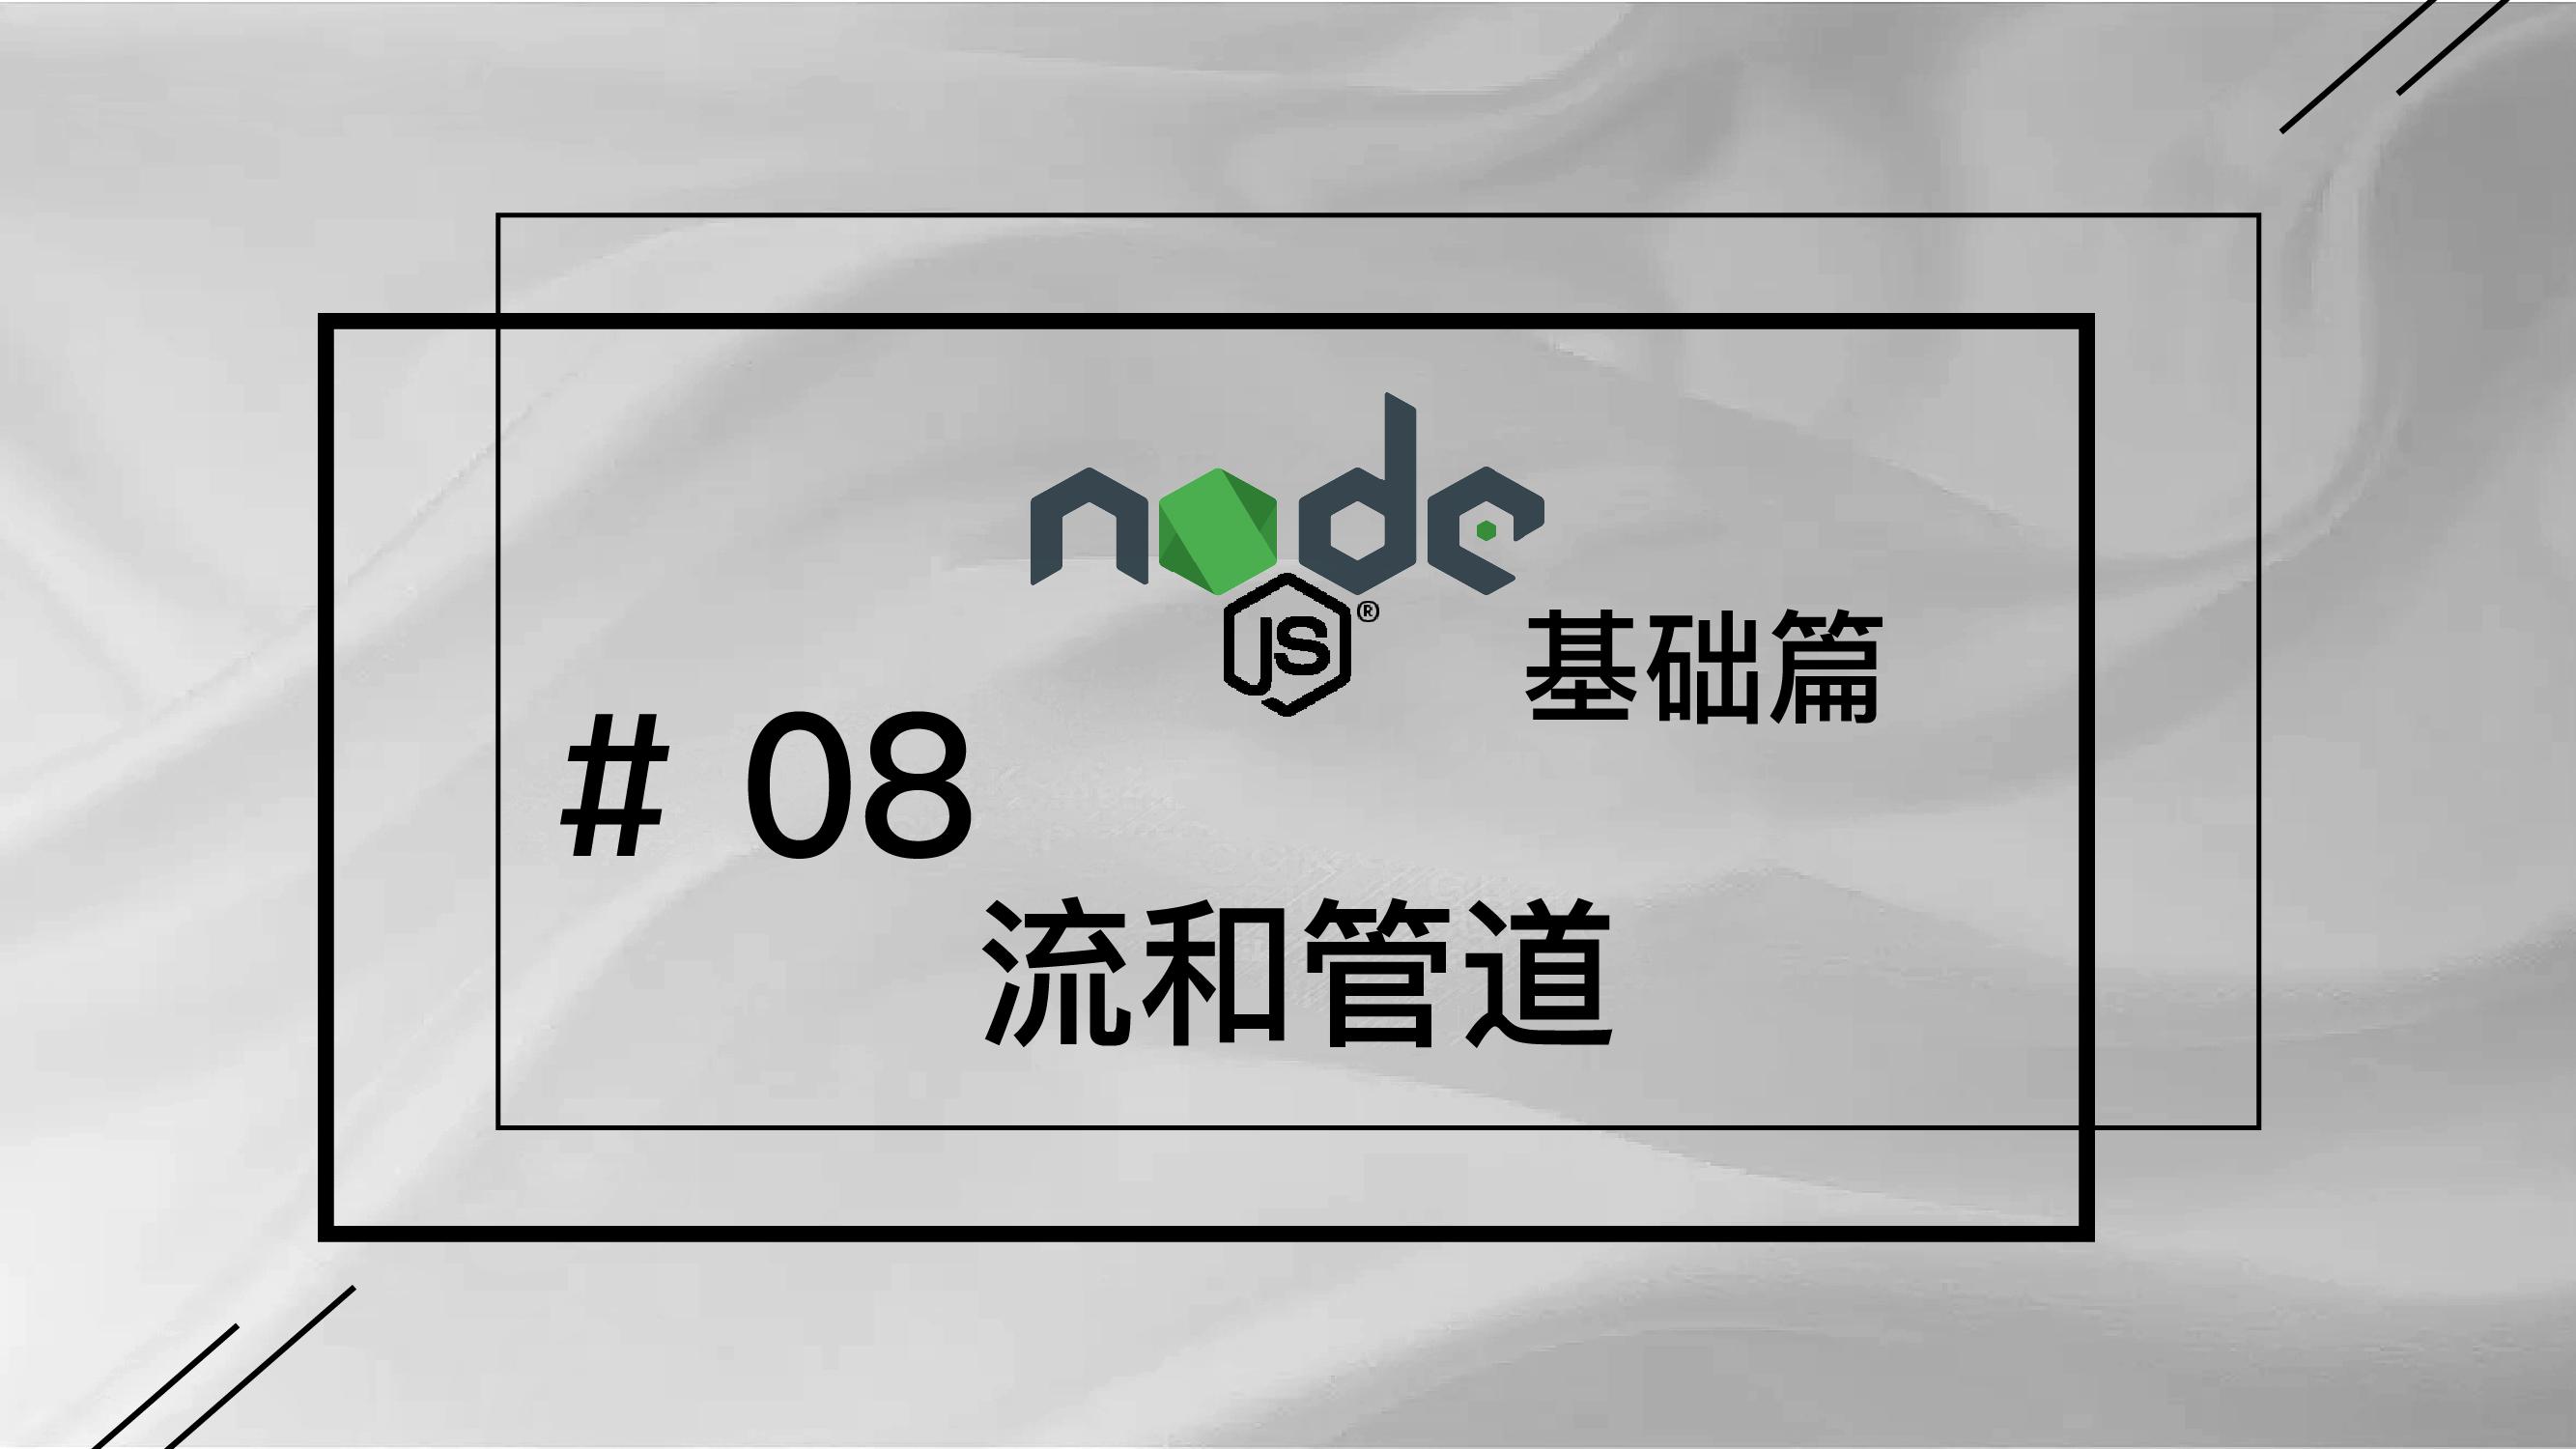 轻松学 Node.js - 基础篇 #8 流和管道